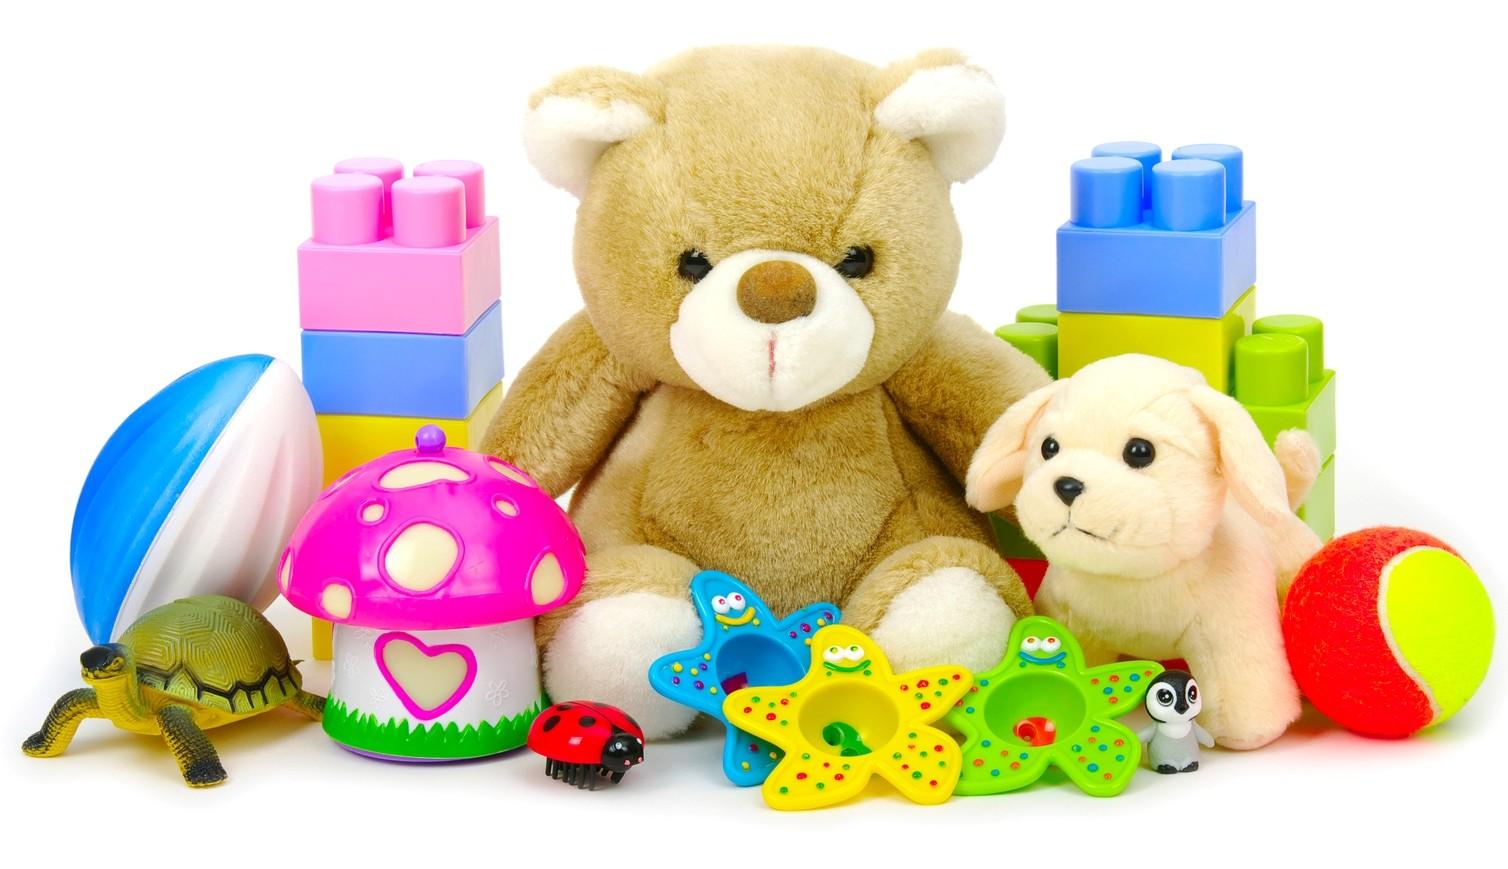 یکی دیگر از نکاتی که بسیاری از والدین نسبت به آن توجه زیادی ندارند، جنس و متریال اسباب بازی هاست.